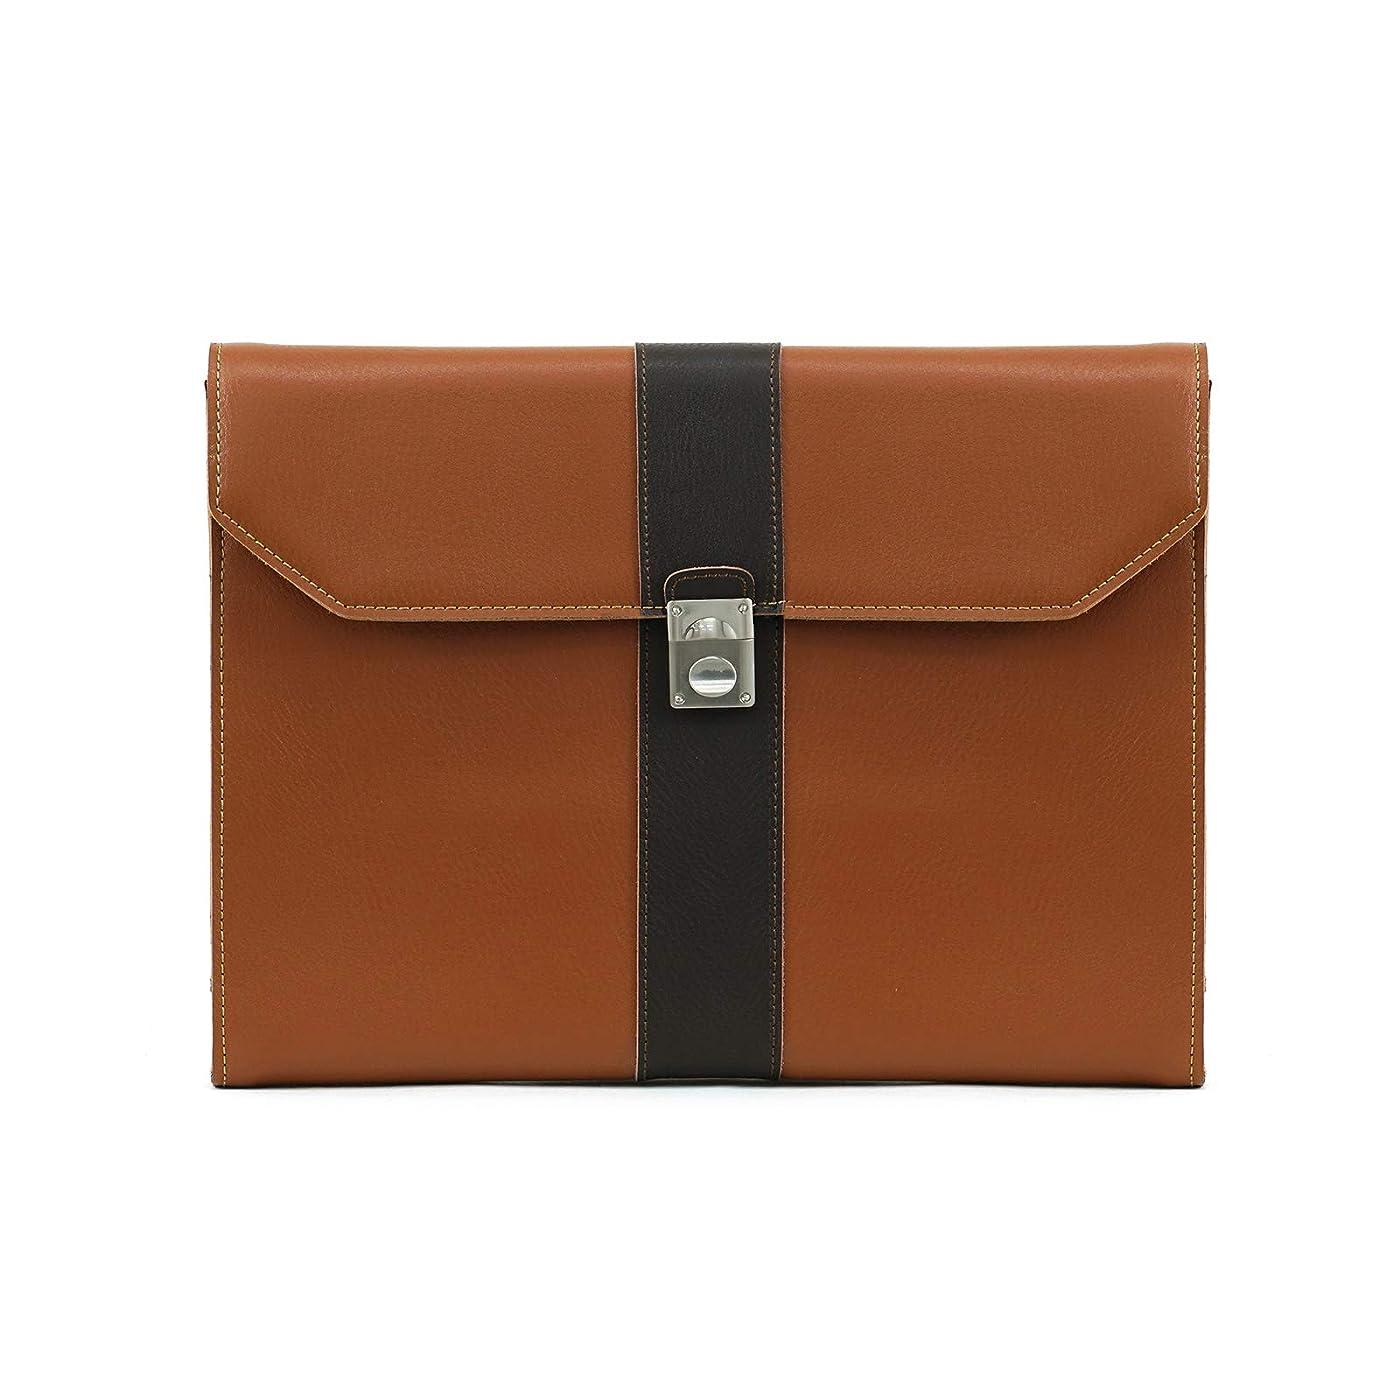 ベーコン一晩計器LOTUFF(ロトプ) 牛革 レザー 5 Color クラッチバッグ セカンドバッグ シンプル iPad 収納可能 LO-6503 メンズ レディース Clutch Bag [並行輸入品]